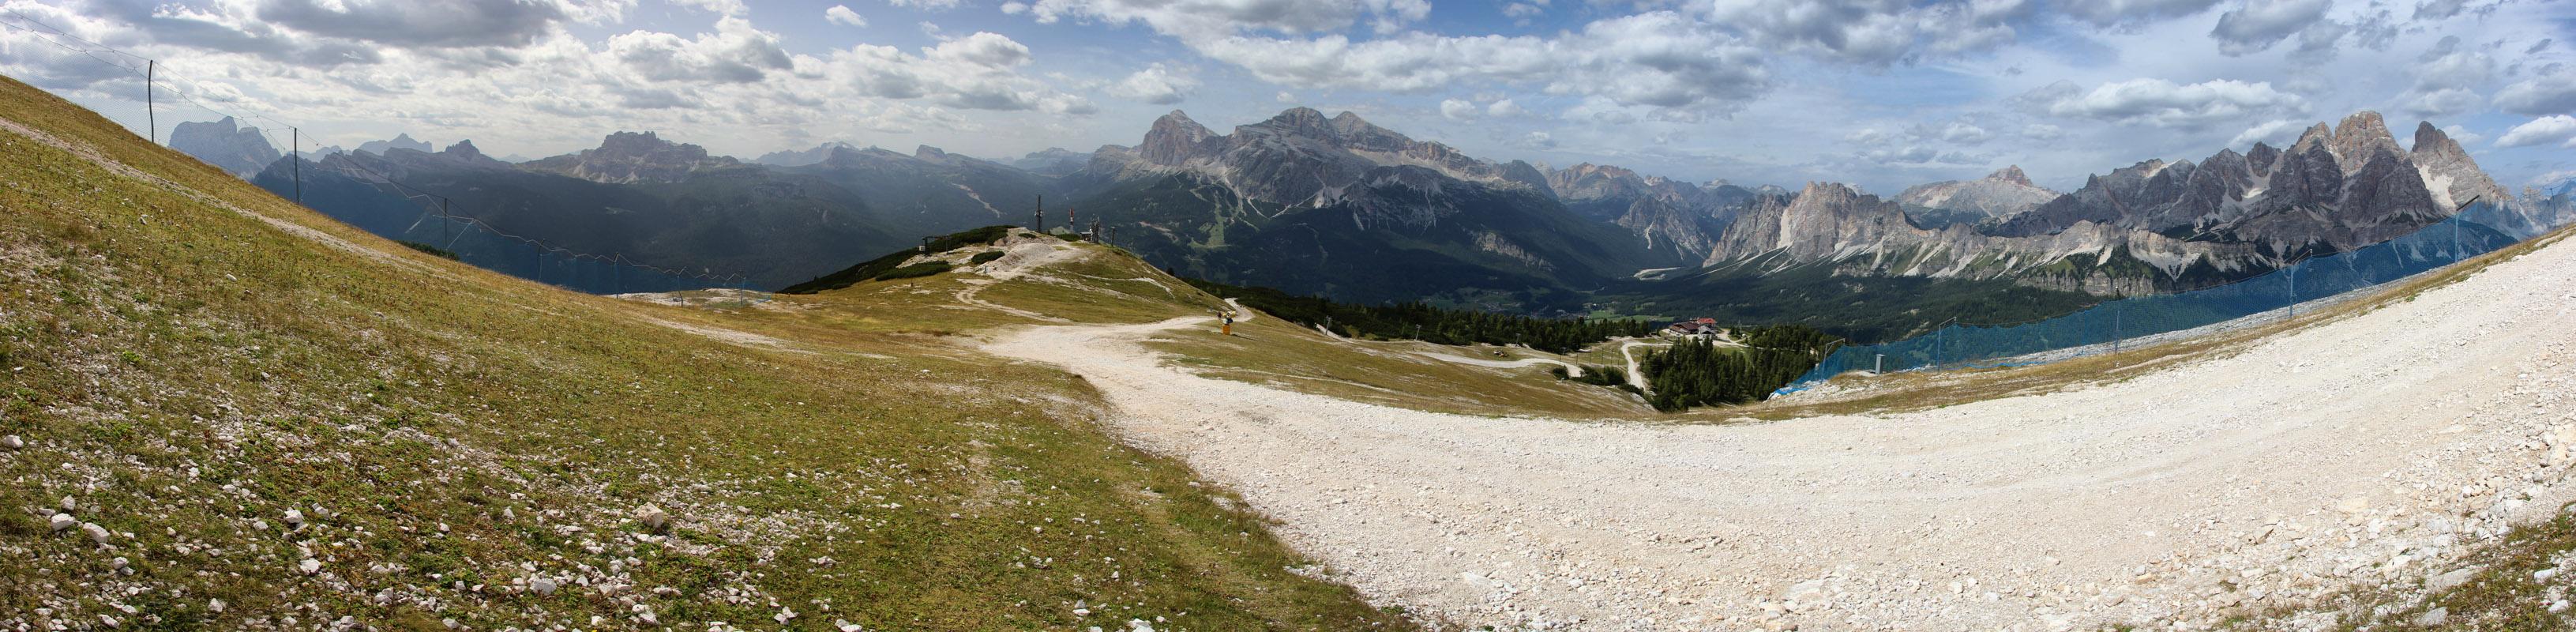 Panoráma Monte Cristallo, Tofane, La Rocheta a Cima Ambrizzola, Dolomity